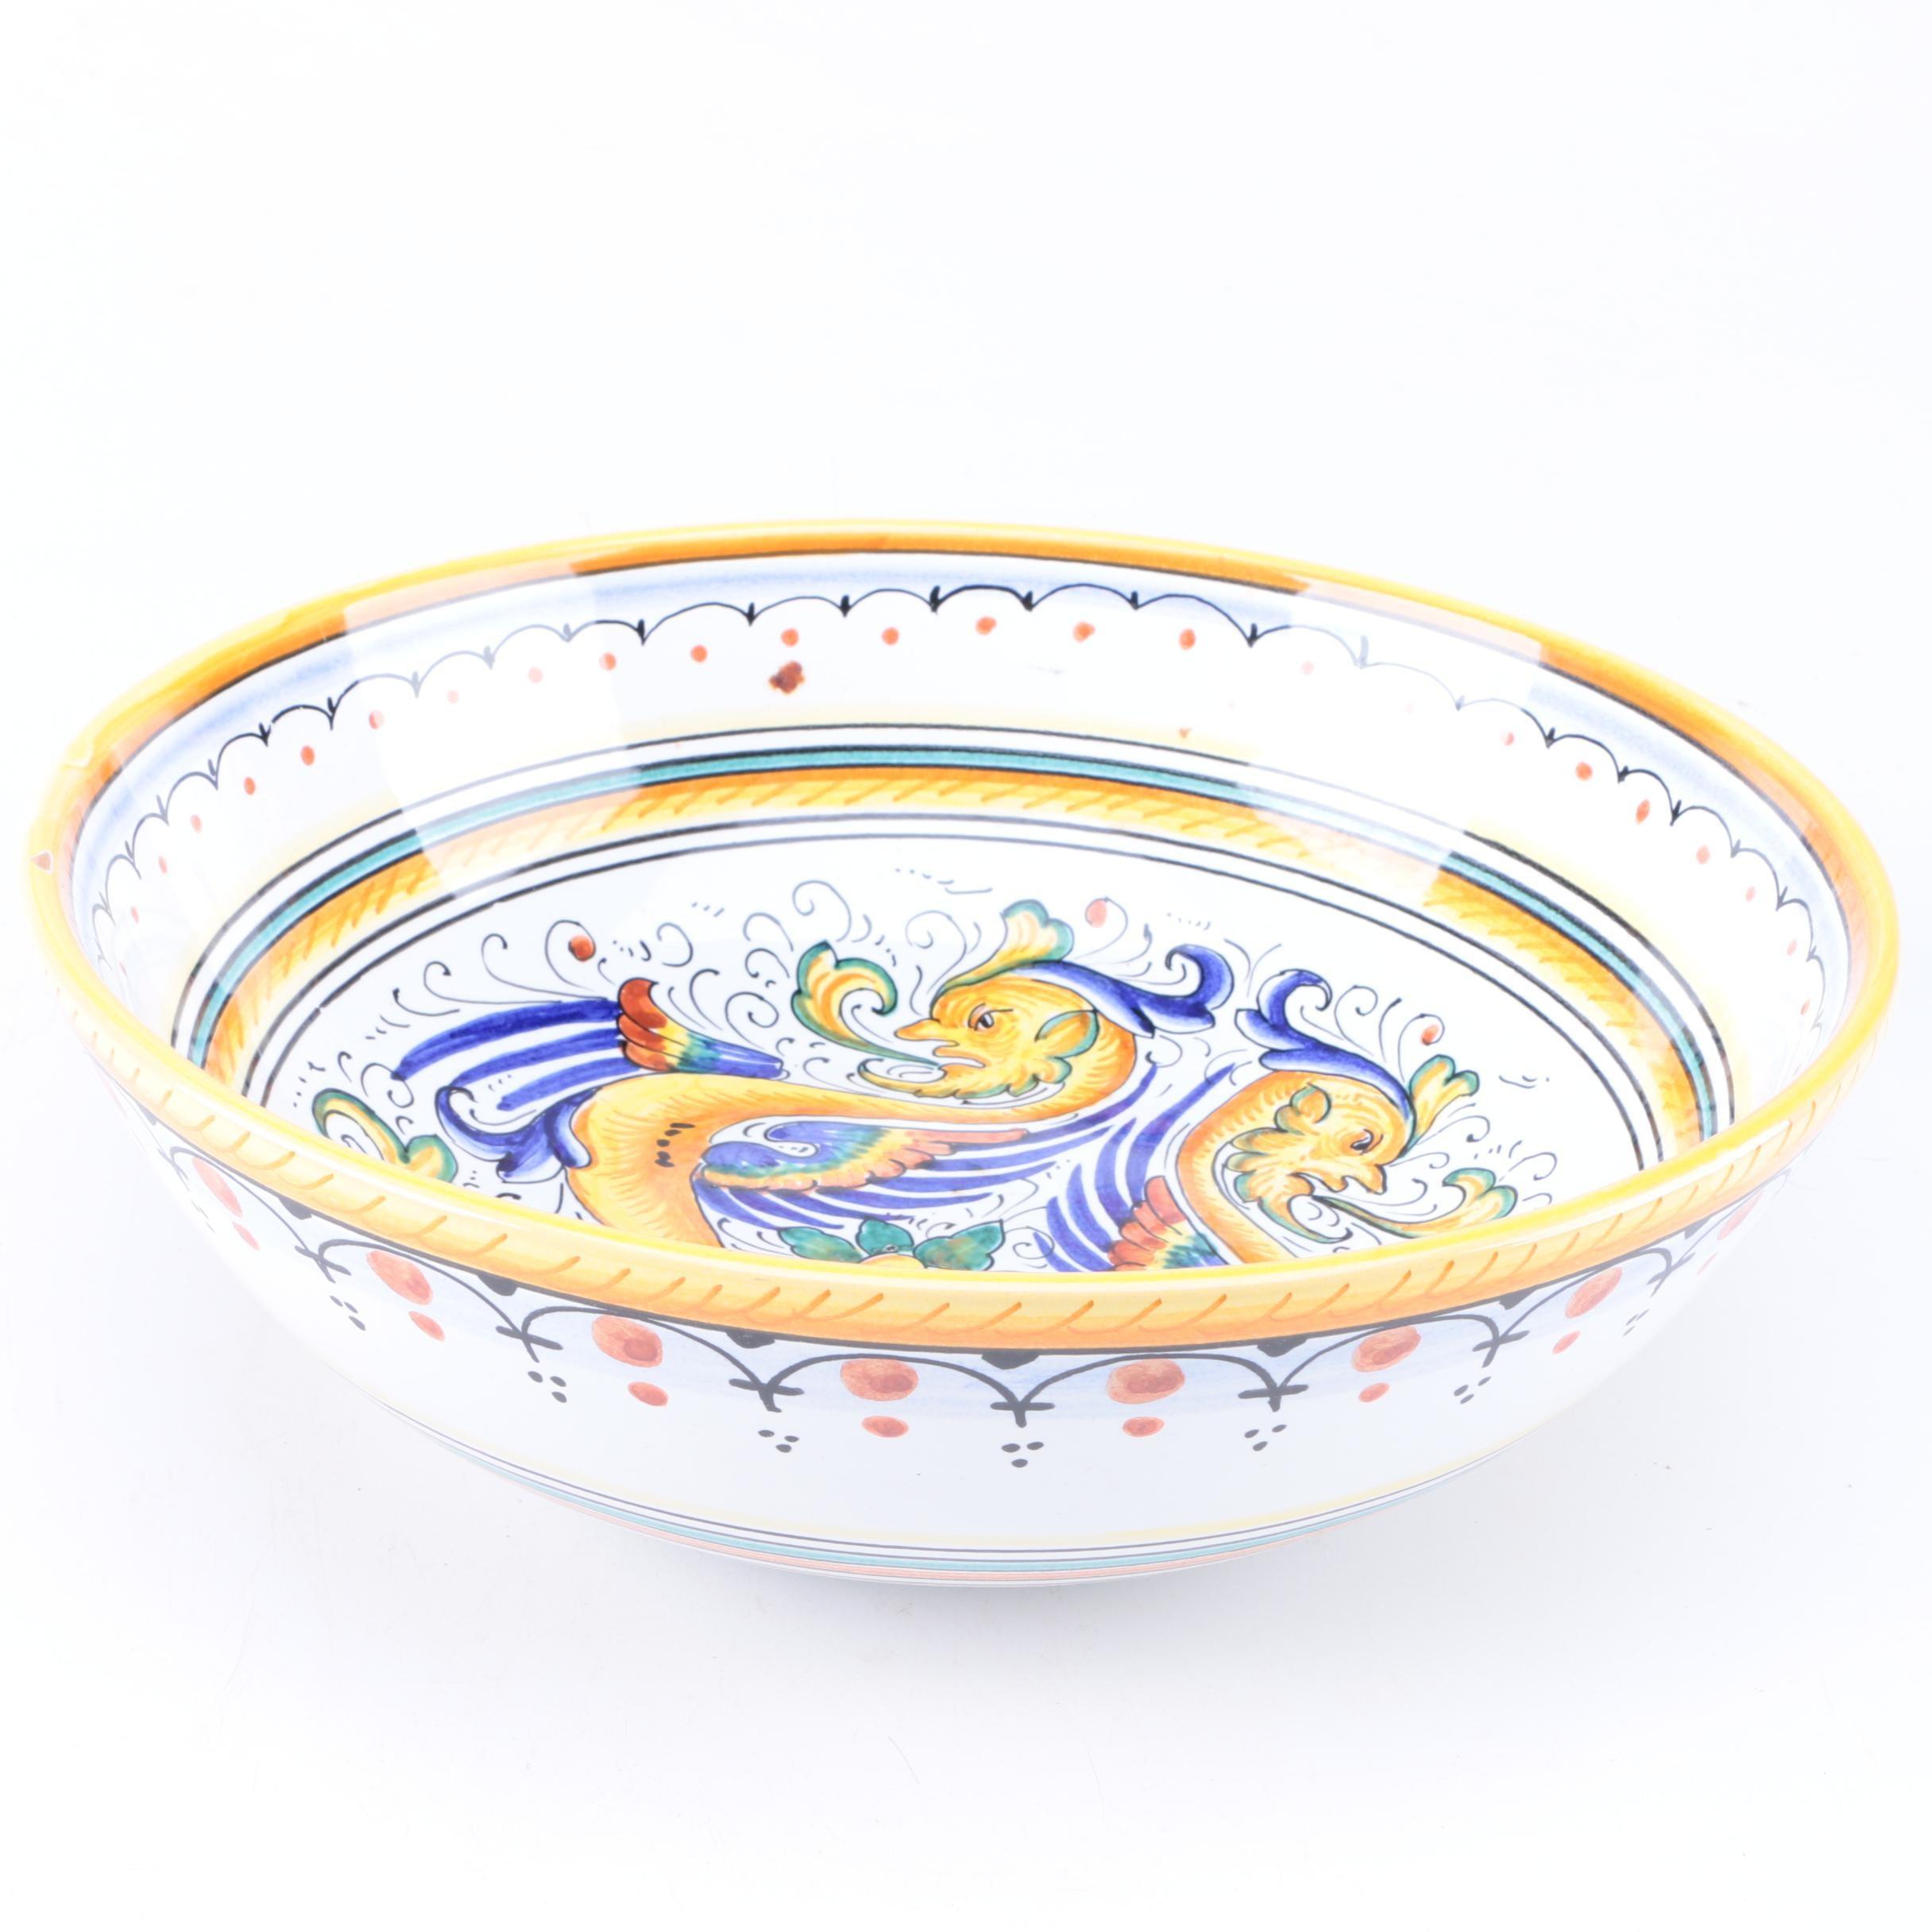 Italian Ceramiche Sberna Serving Bowl